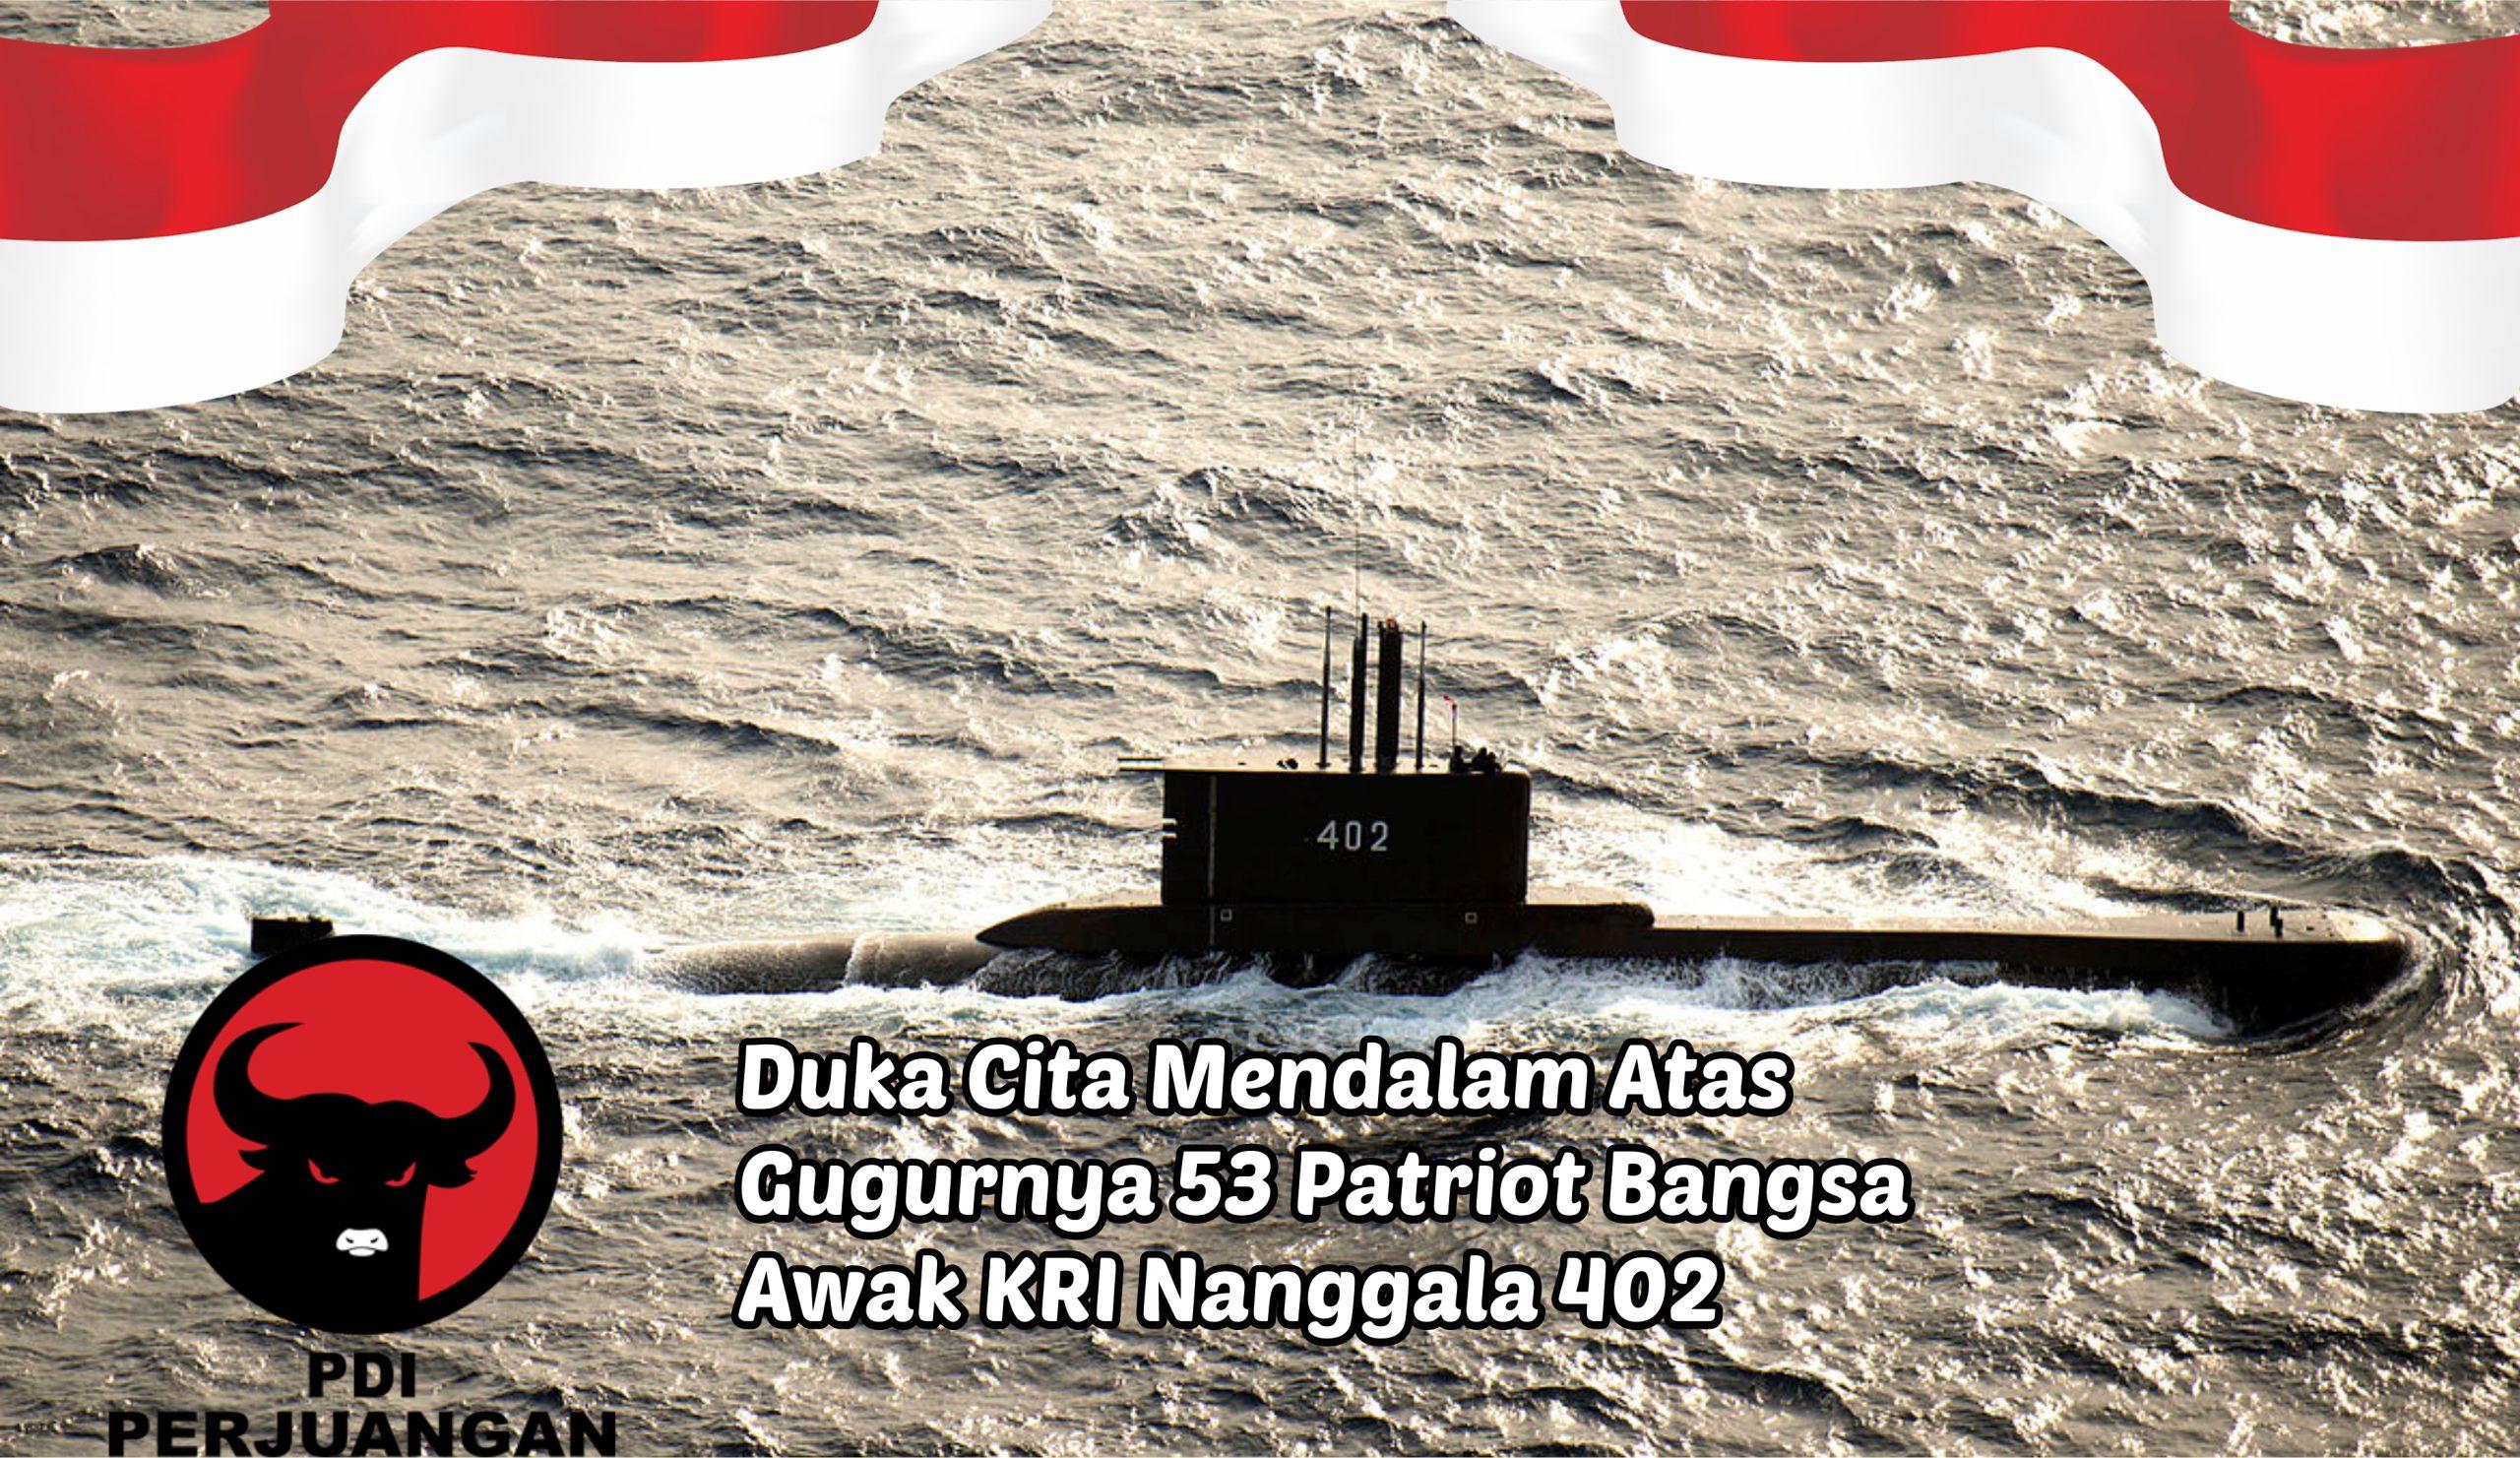 PDIP Tabur Bunga atas Gugurnya 53 Patriot KRI Nanggala 402